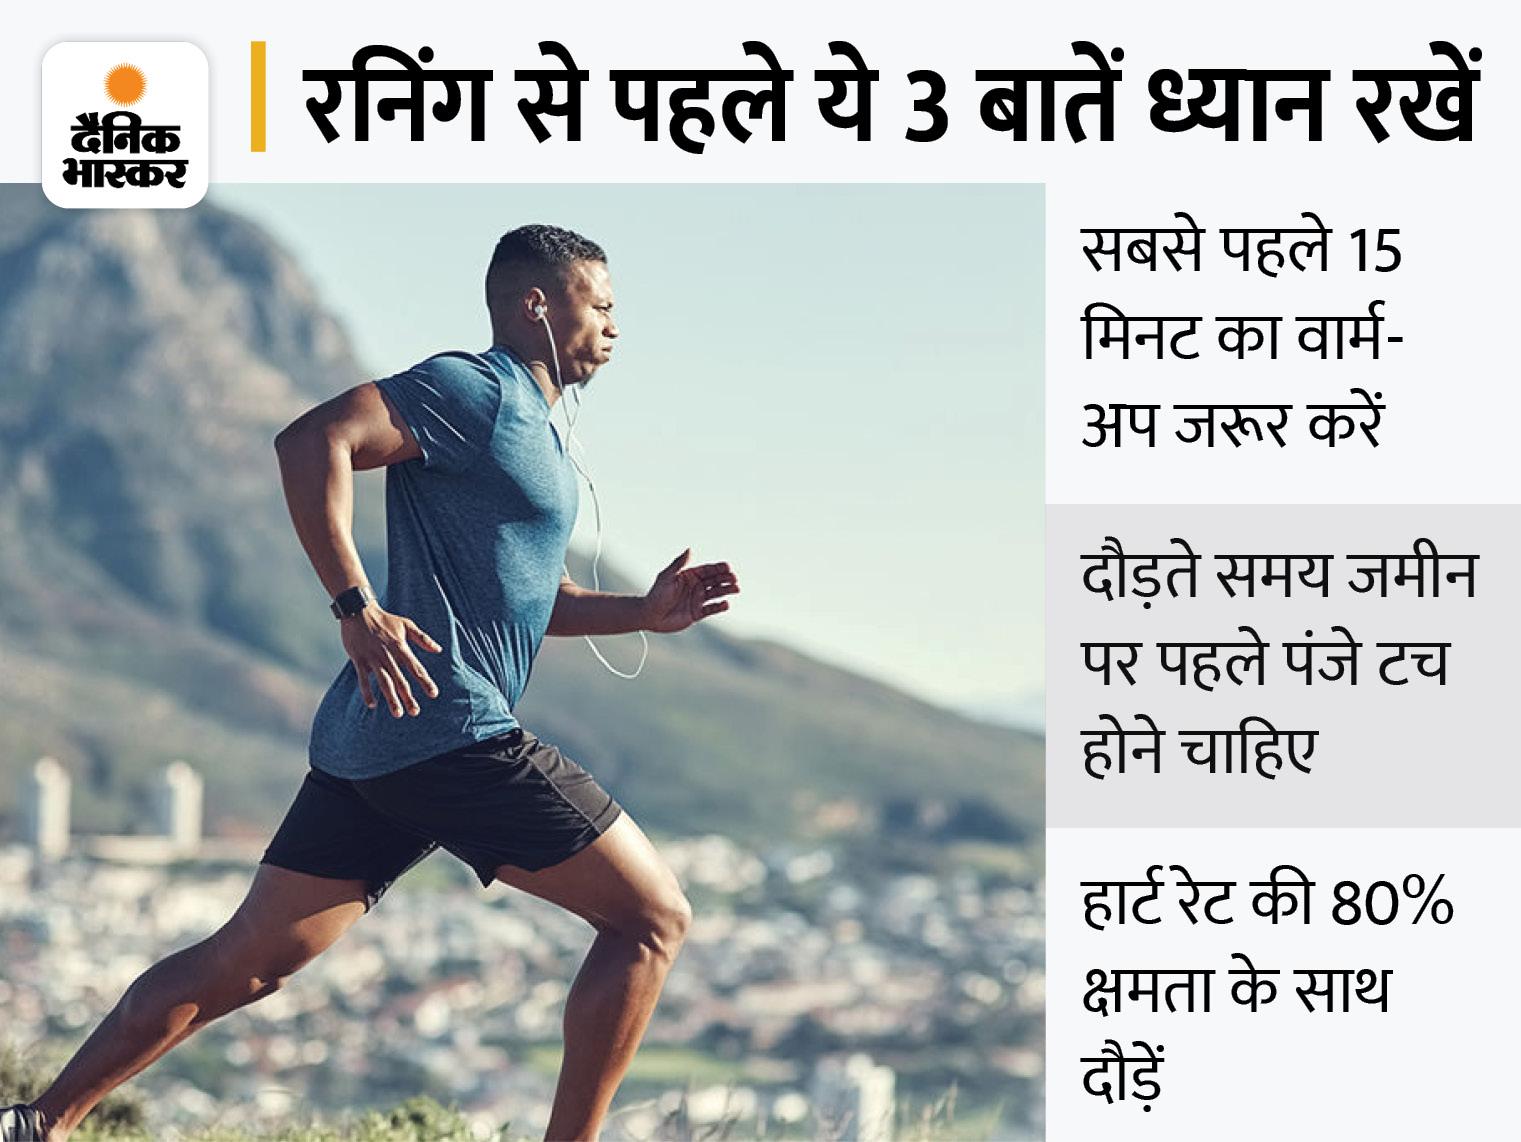 तेज दौड़ने पर तेजी से घटता है कमर का फैट और हार्ट अटैक का खतरा, दौडते समय हार्ट रेट 80 फीसदी से ज्यादा न होने दें|लाइफ & साइंस,Happy Life - Dainik Bhaskar